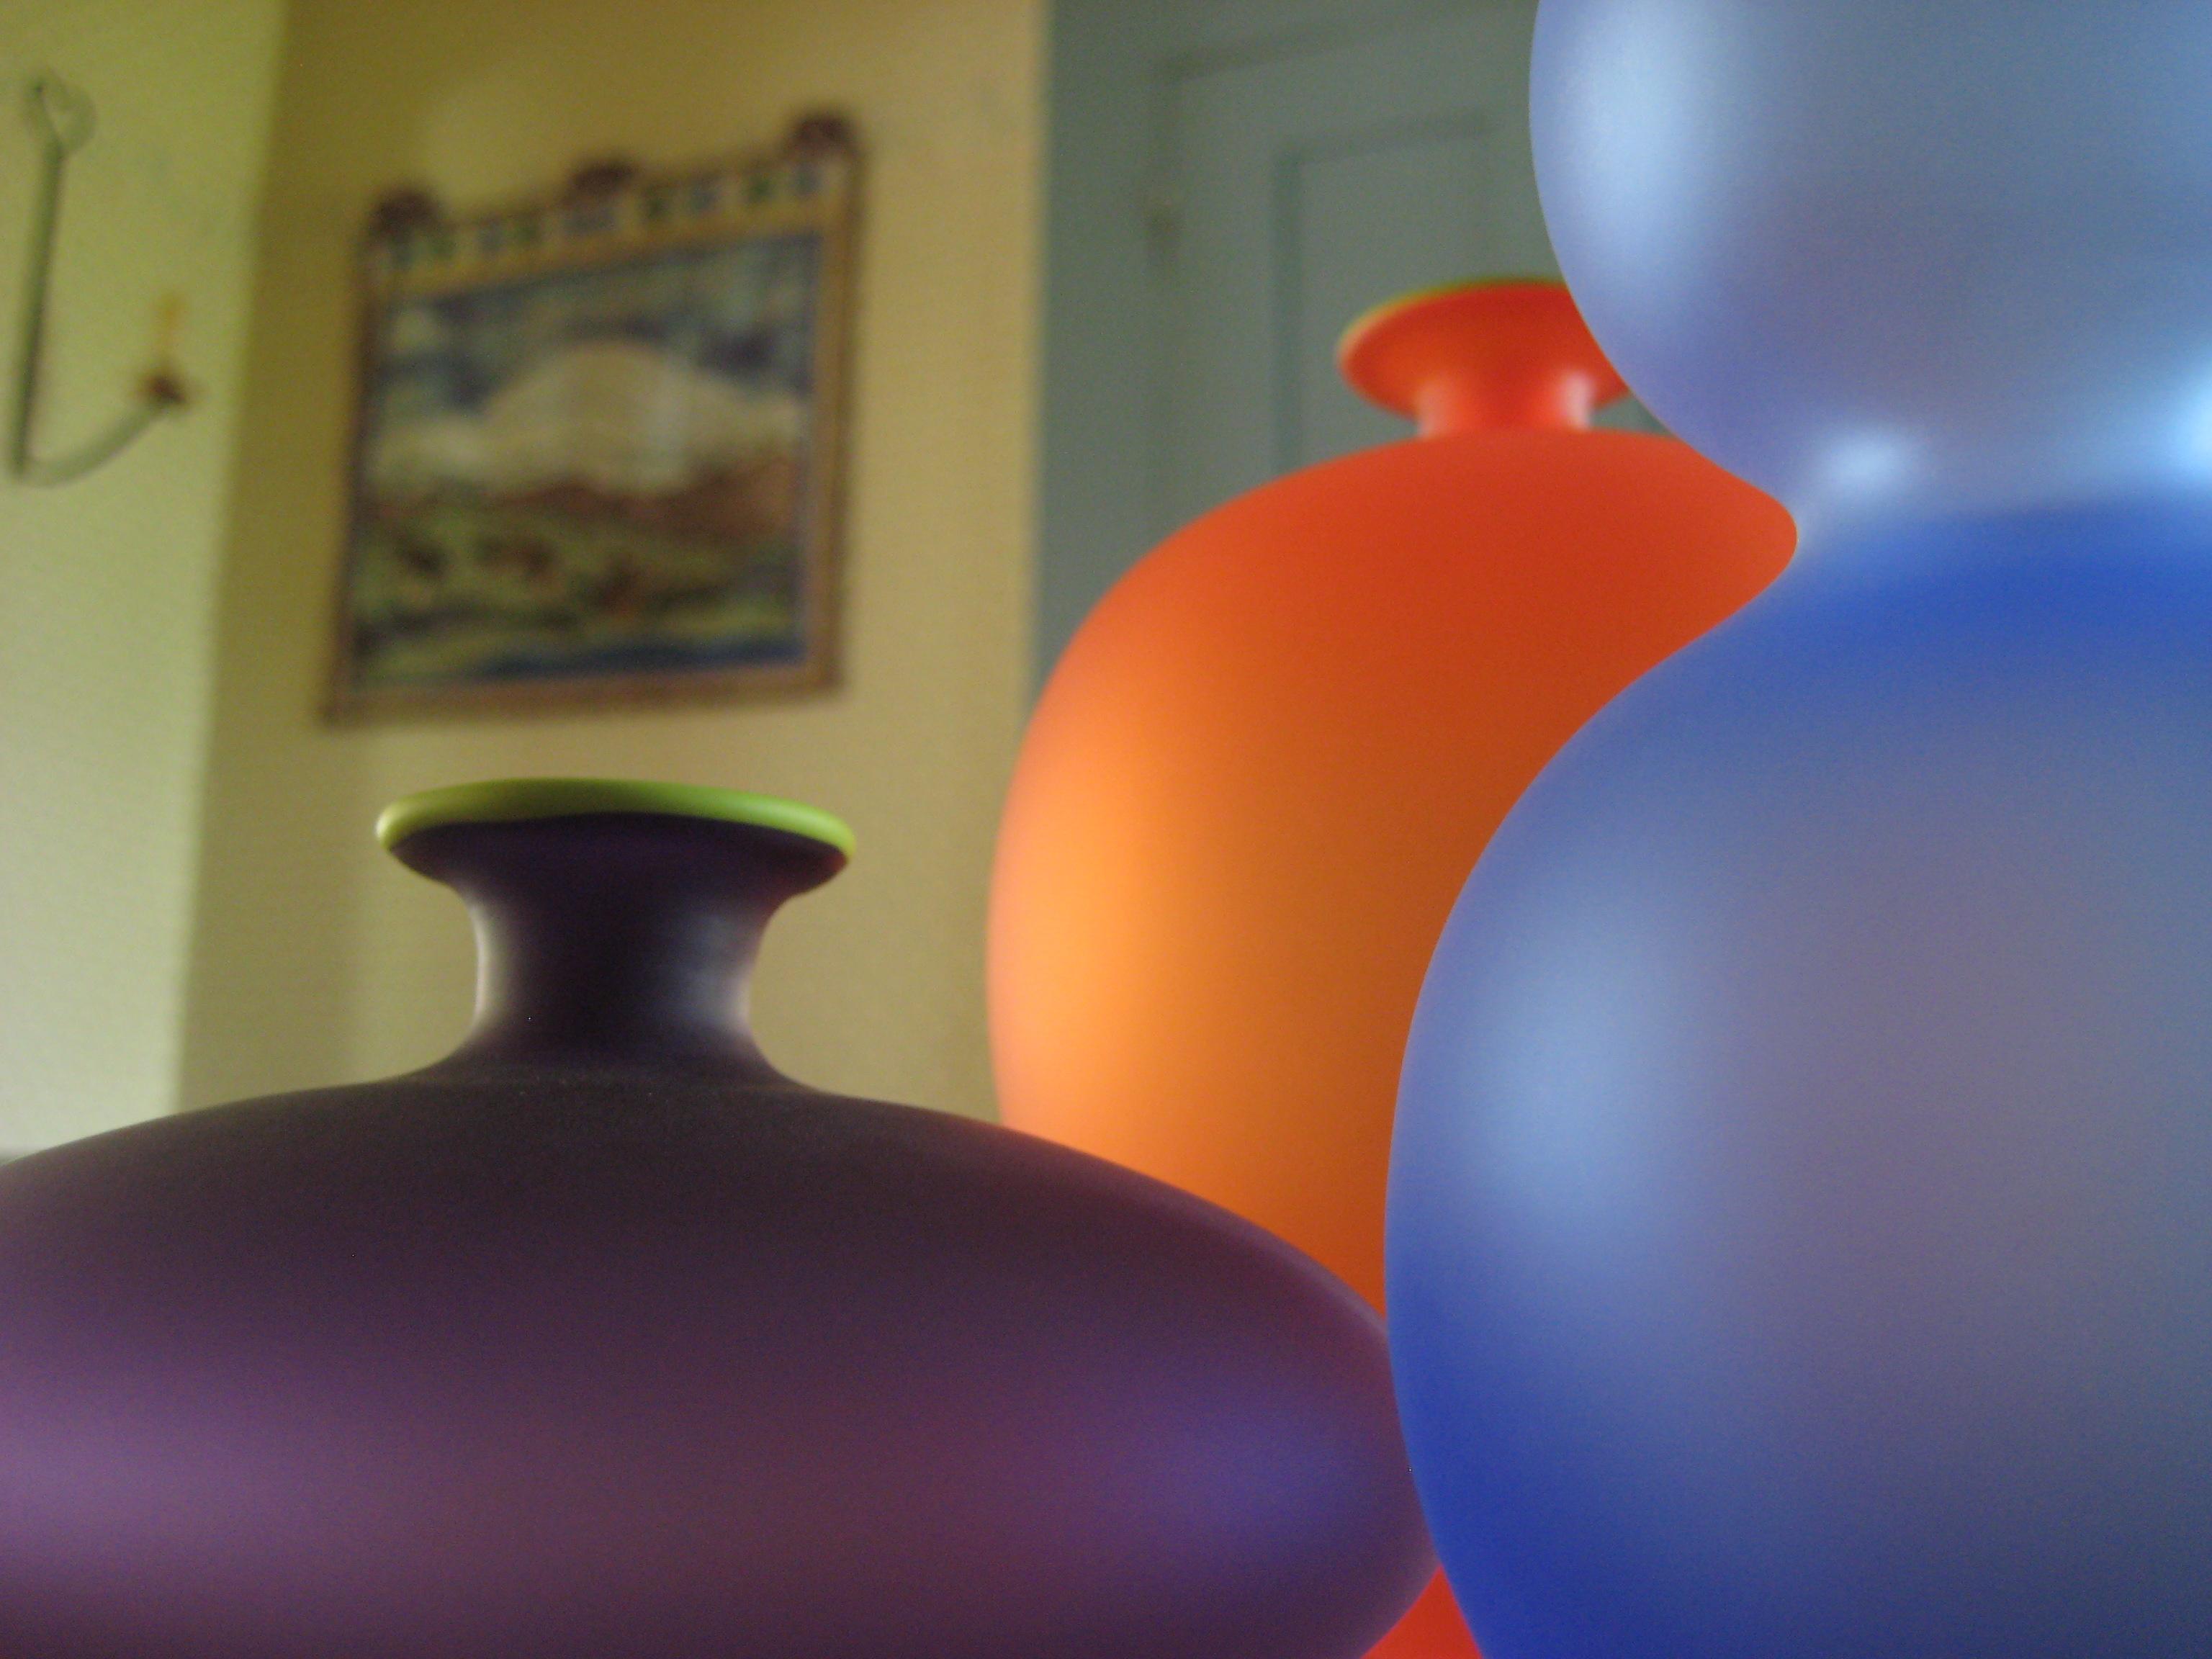 Miniature bud vases by 3rd generation American Glass Artist, Nicholas Kekic of Tsuga Studios